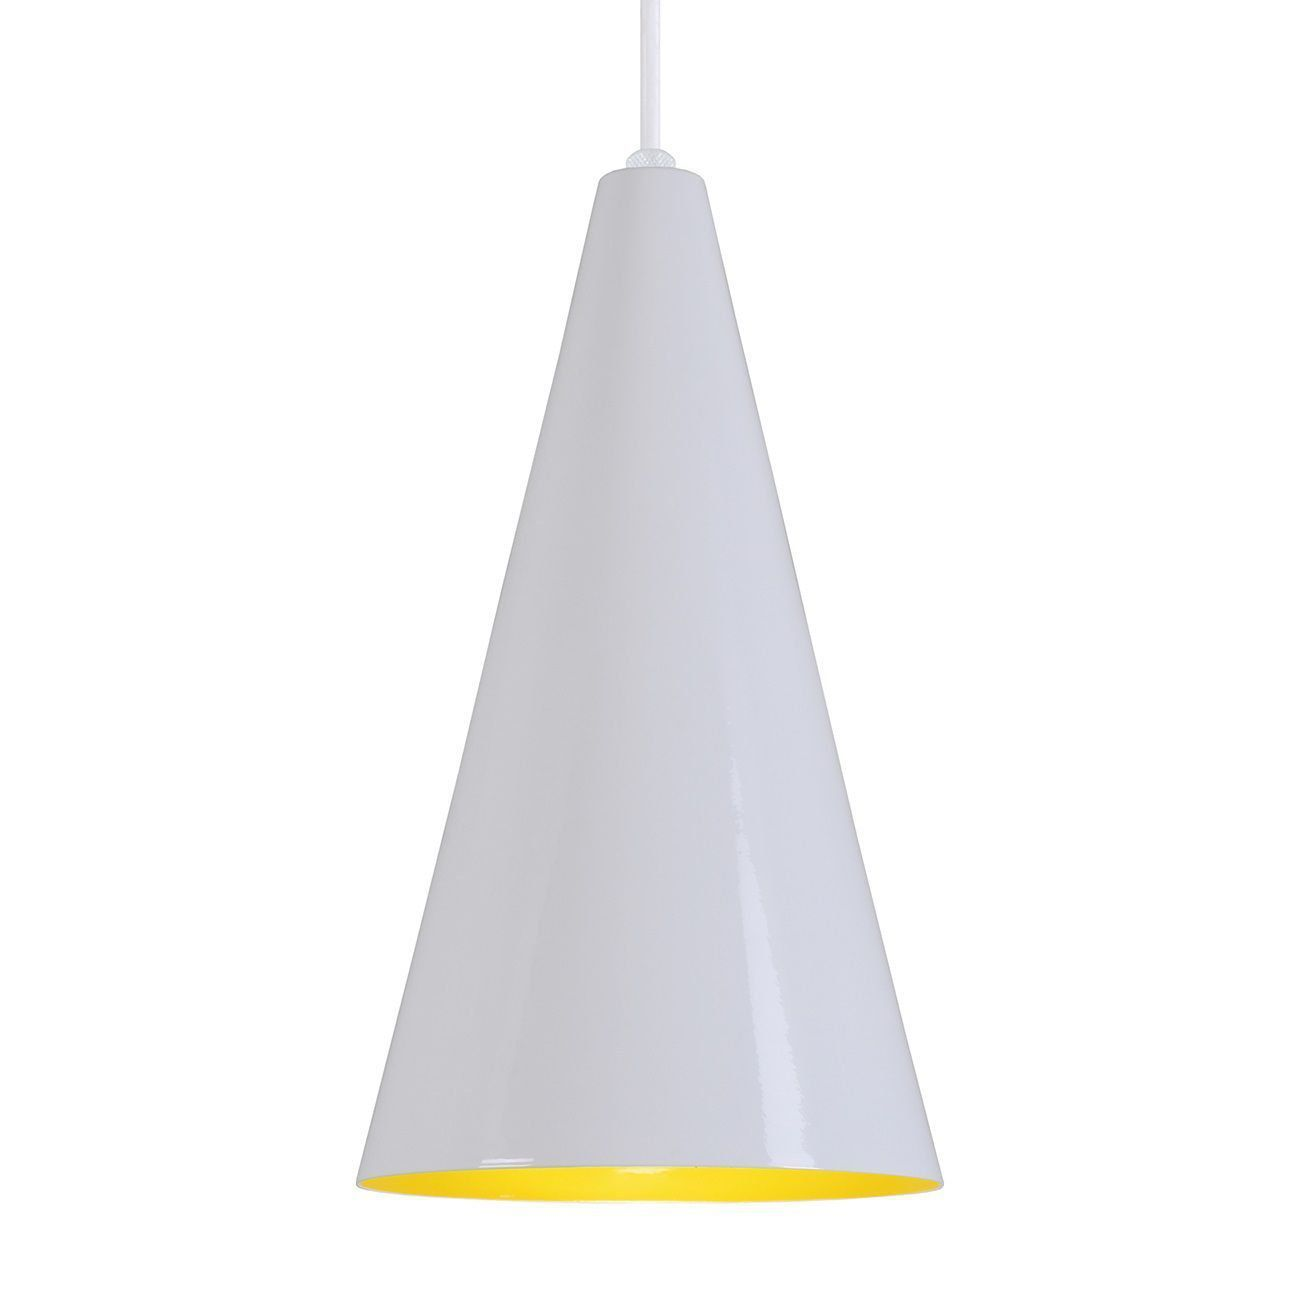 Pendente Cone Luminária Lustre Alumínio Branco Brilhante C/ Amarelo - Rei Da Iluminação